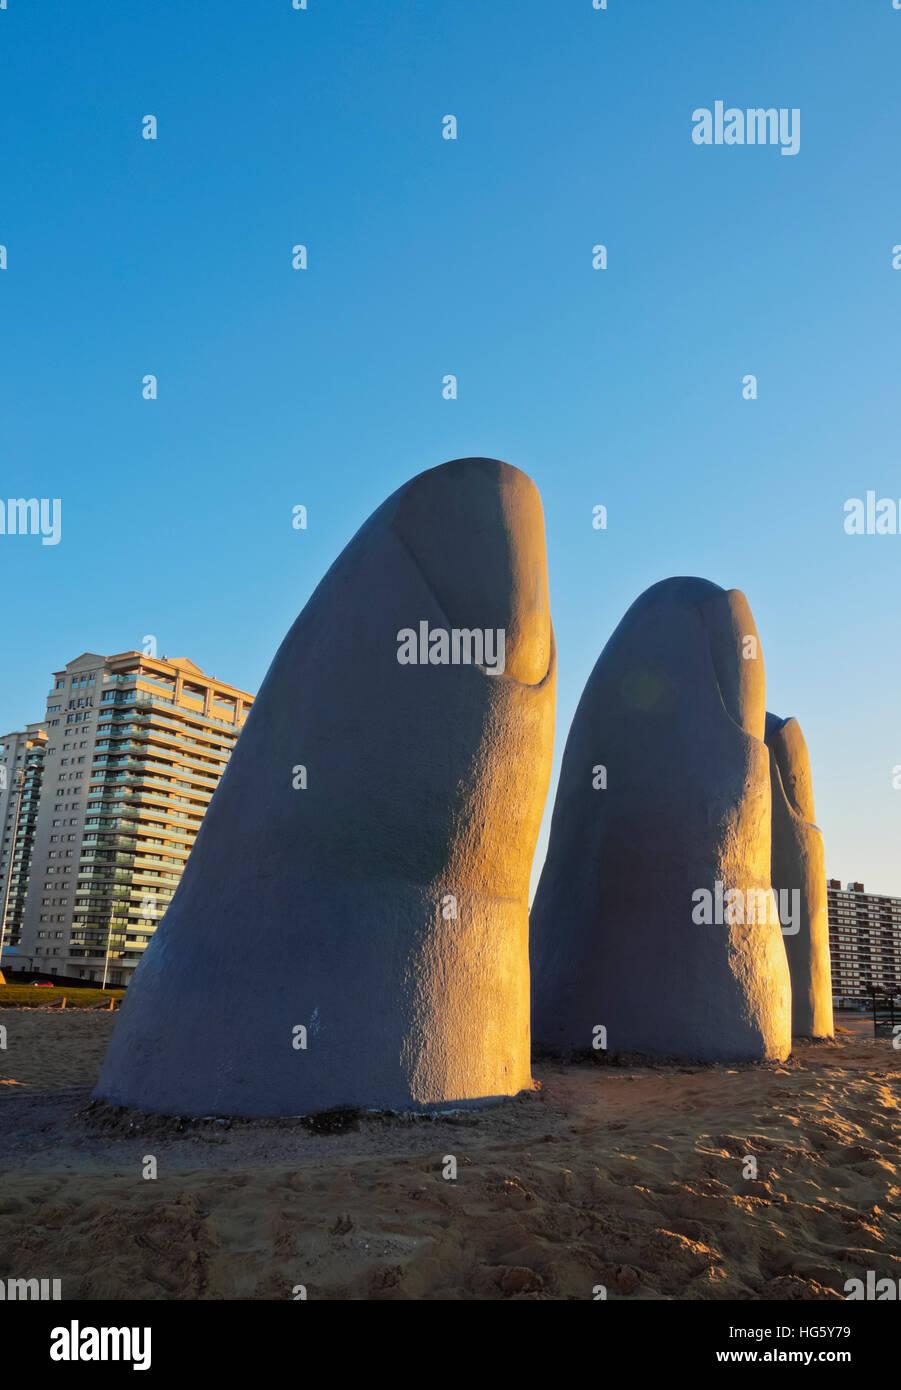 Uruguay, Maldonado Department, Punta del Este, Playa Brava, La Mano(The Hand), a sculpture by Chilean artist Mario - Stock Image